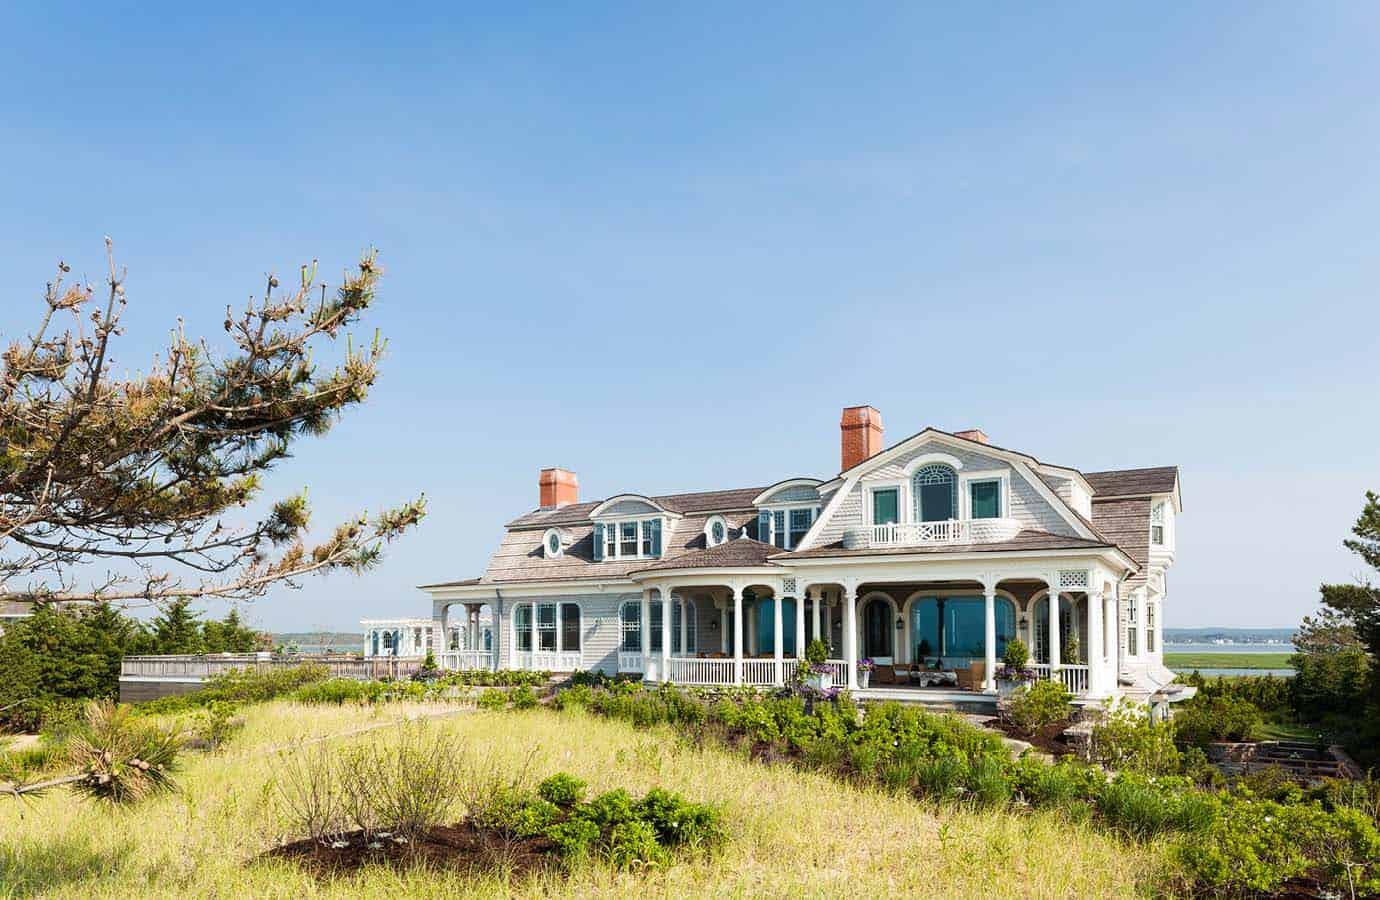 maison-de-plage-exterieur